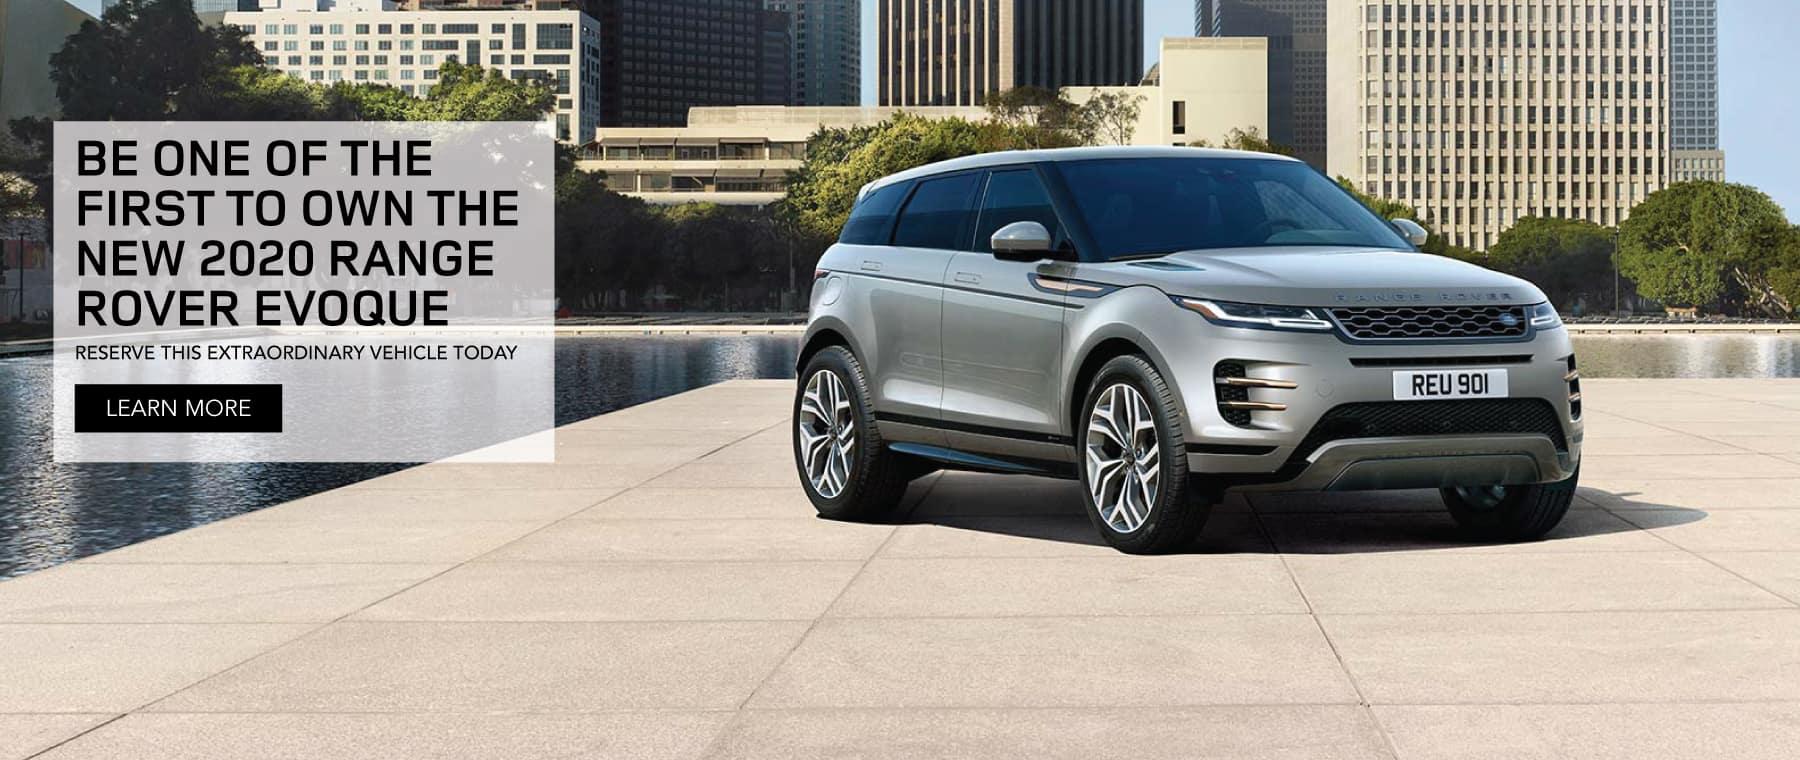 2020-Range-Rover-Evoque-DI-Large